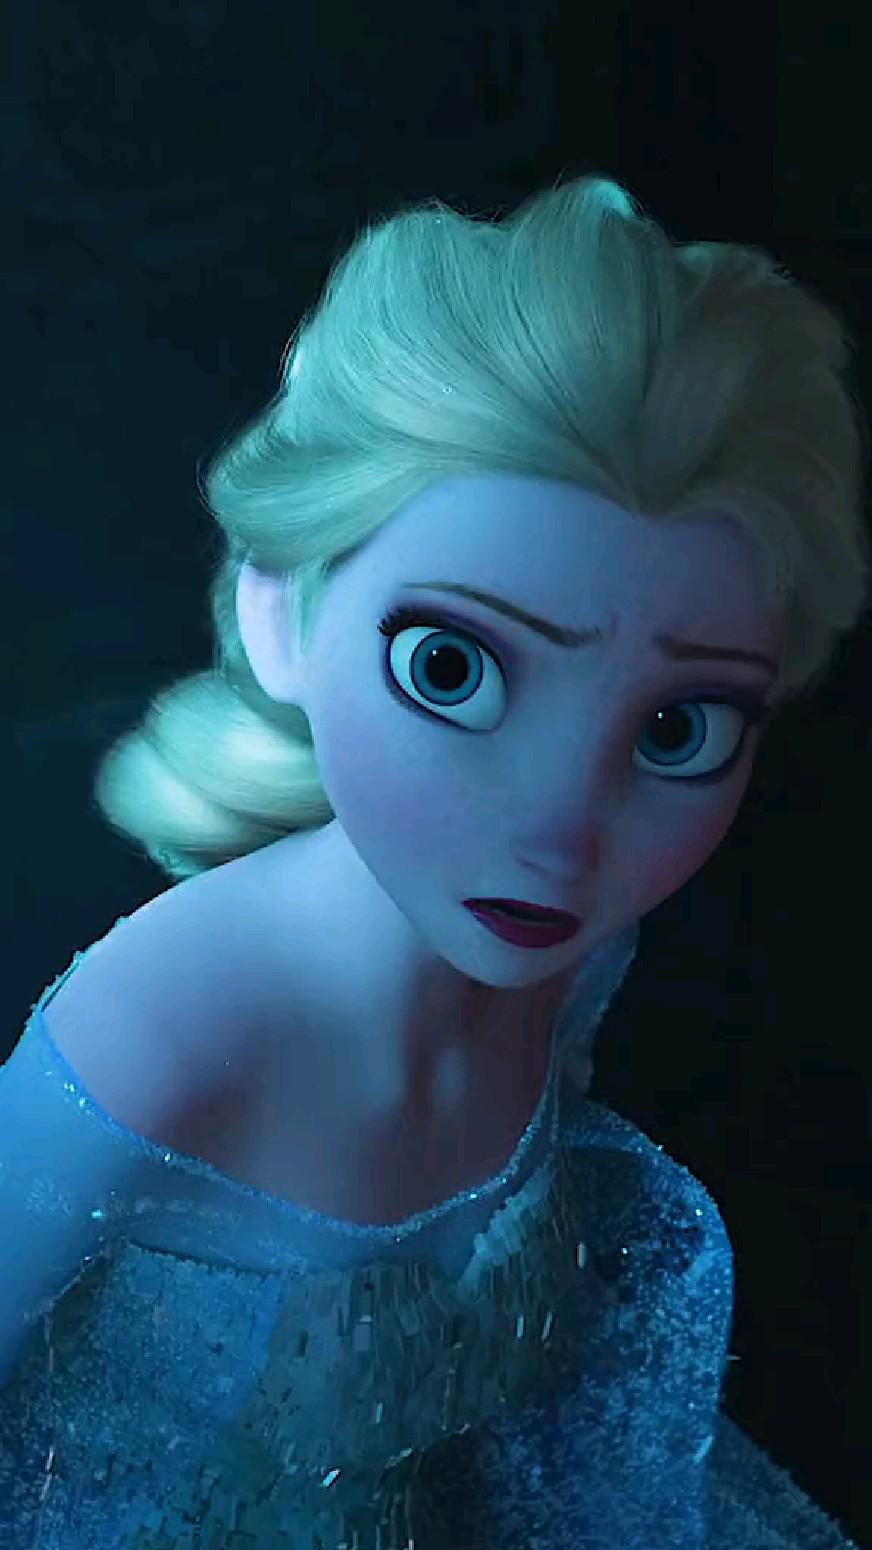 Beautiful Disney Princess Elsa